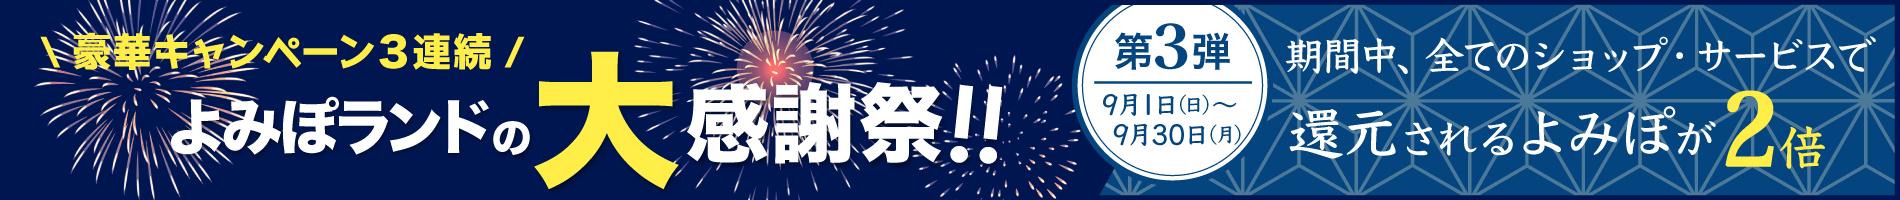 よみぽランドの大感謝祭!第三弾